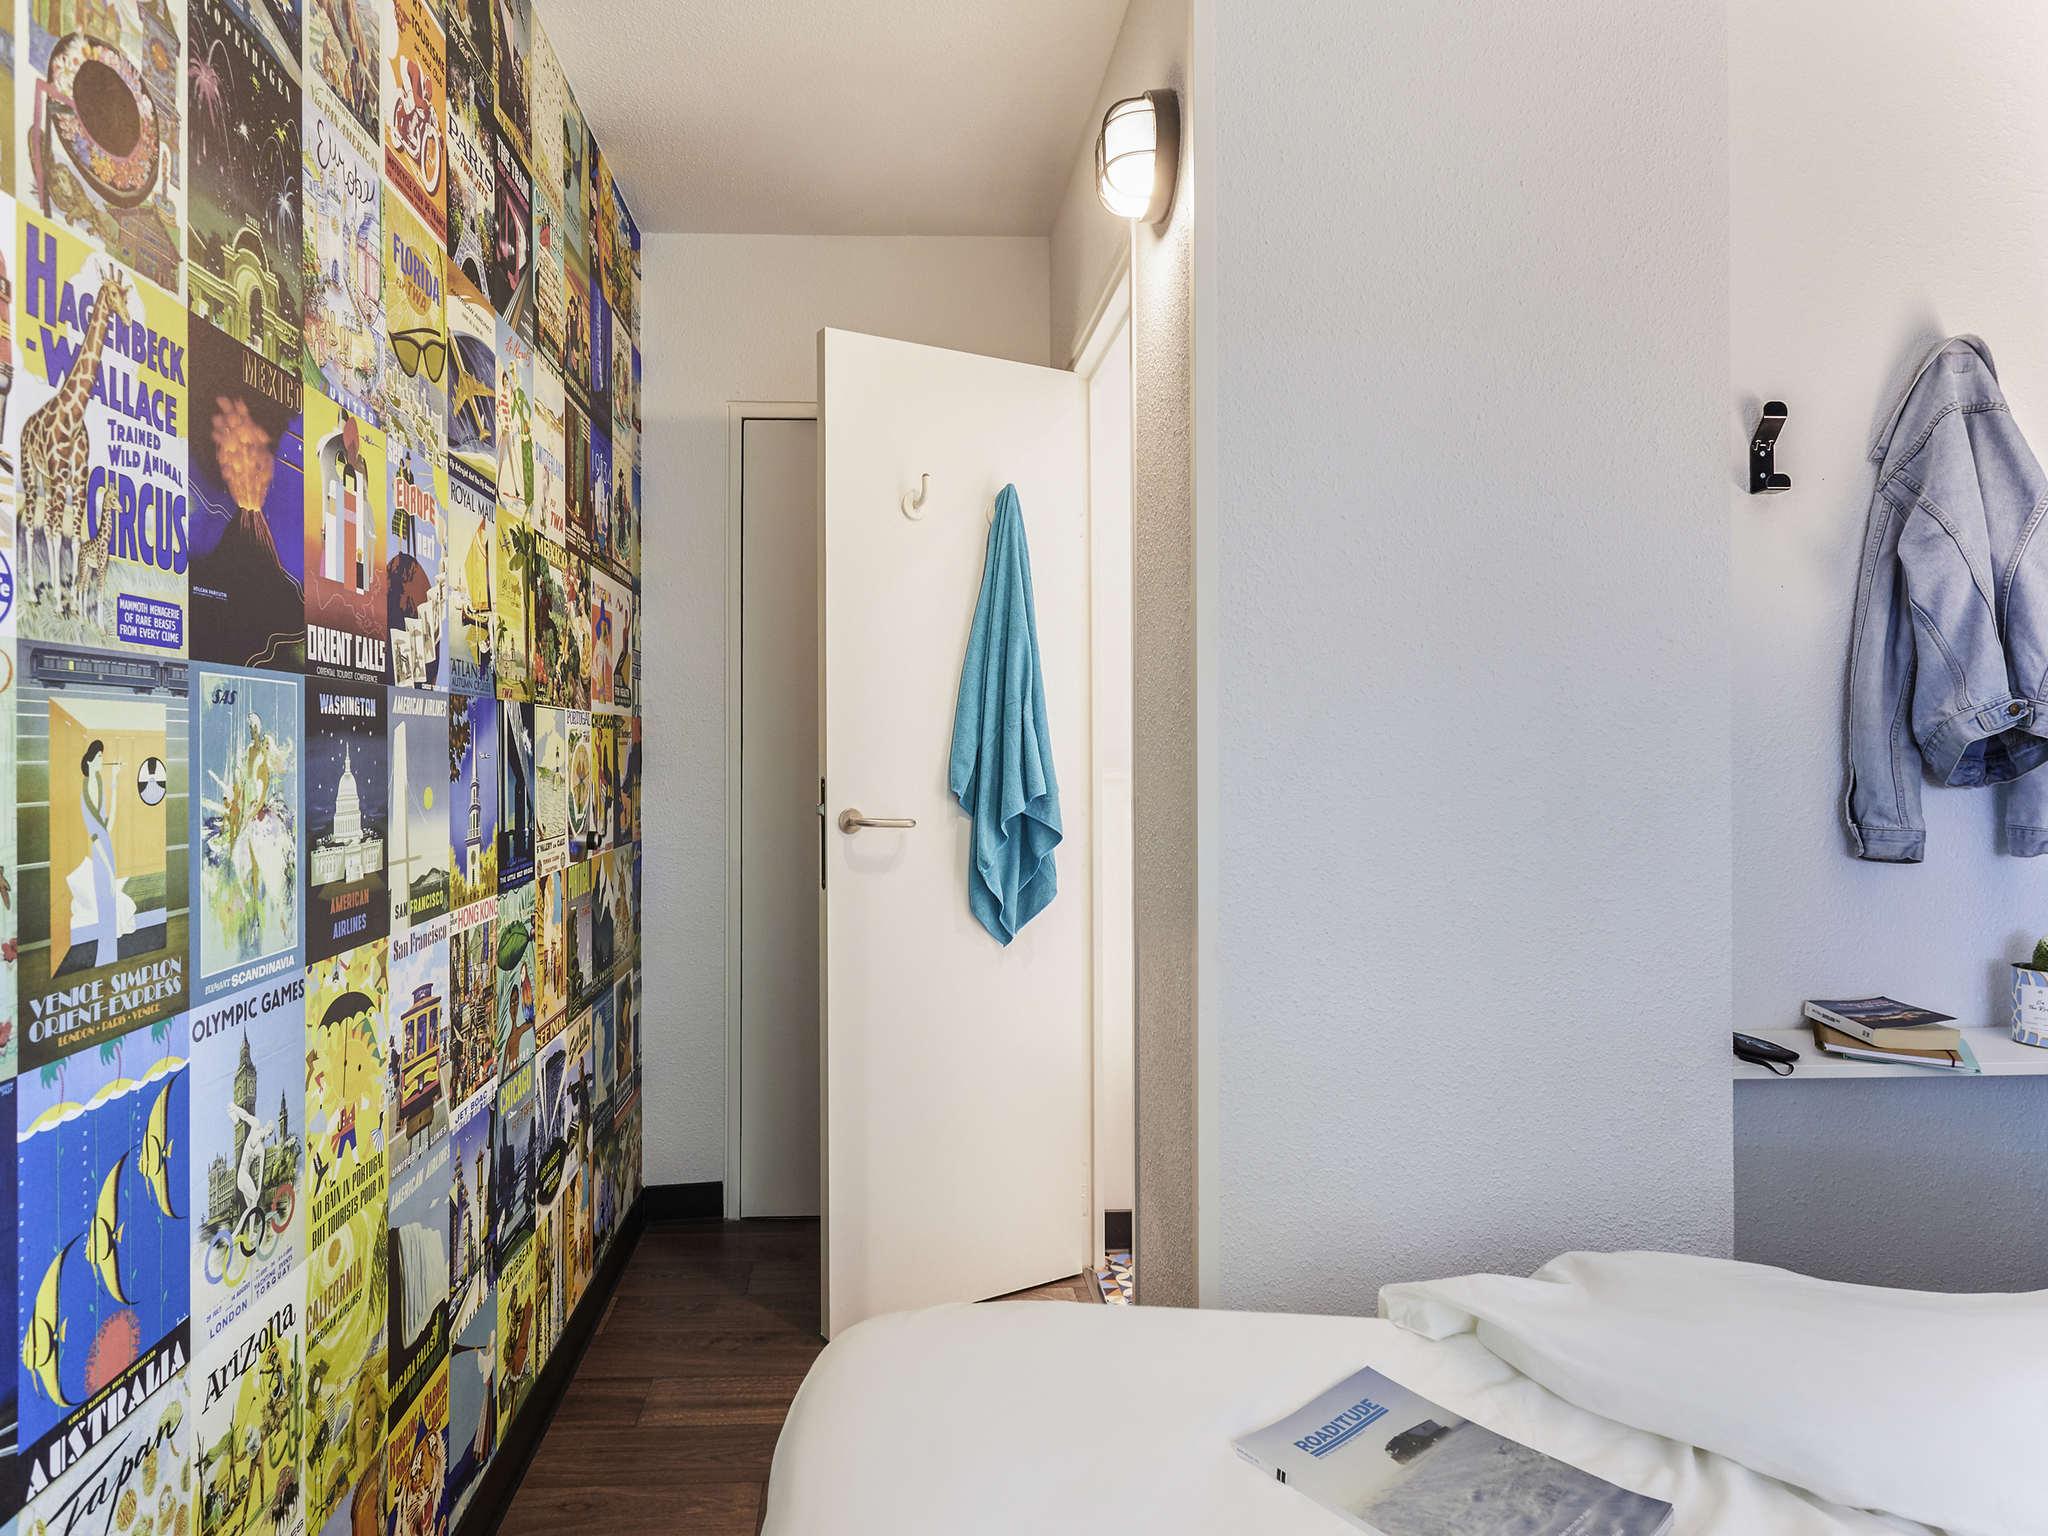 فندق - hotelF1 Marne-la-Vallée Collégien